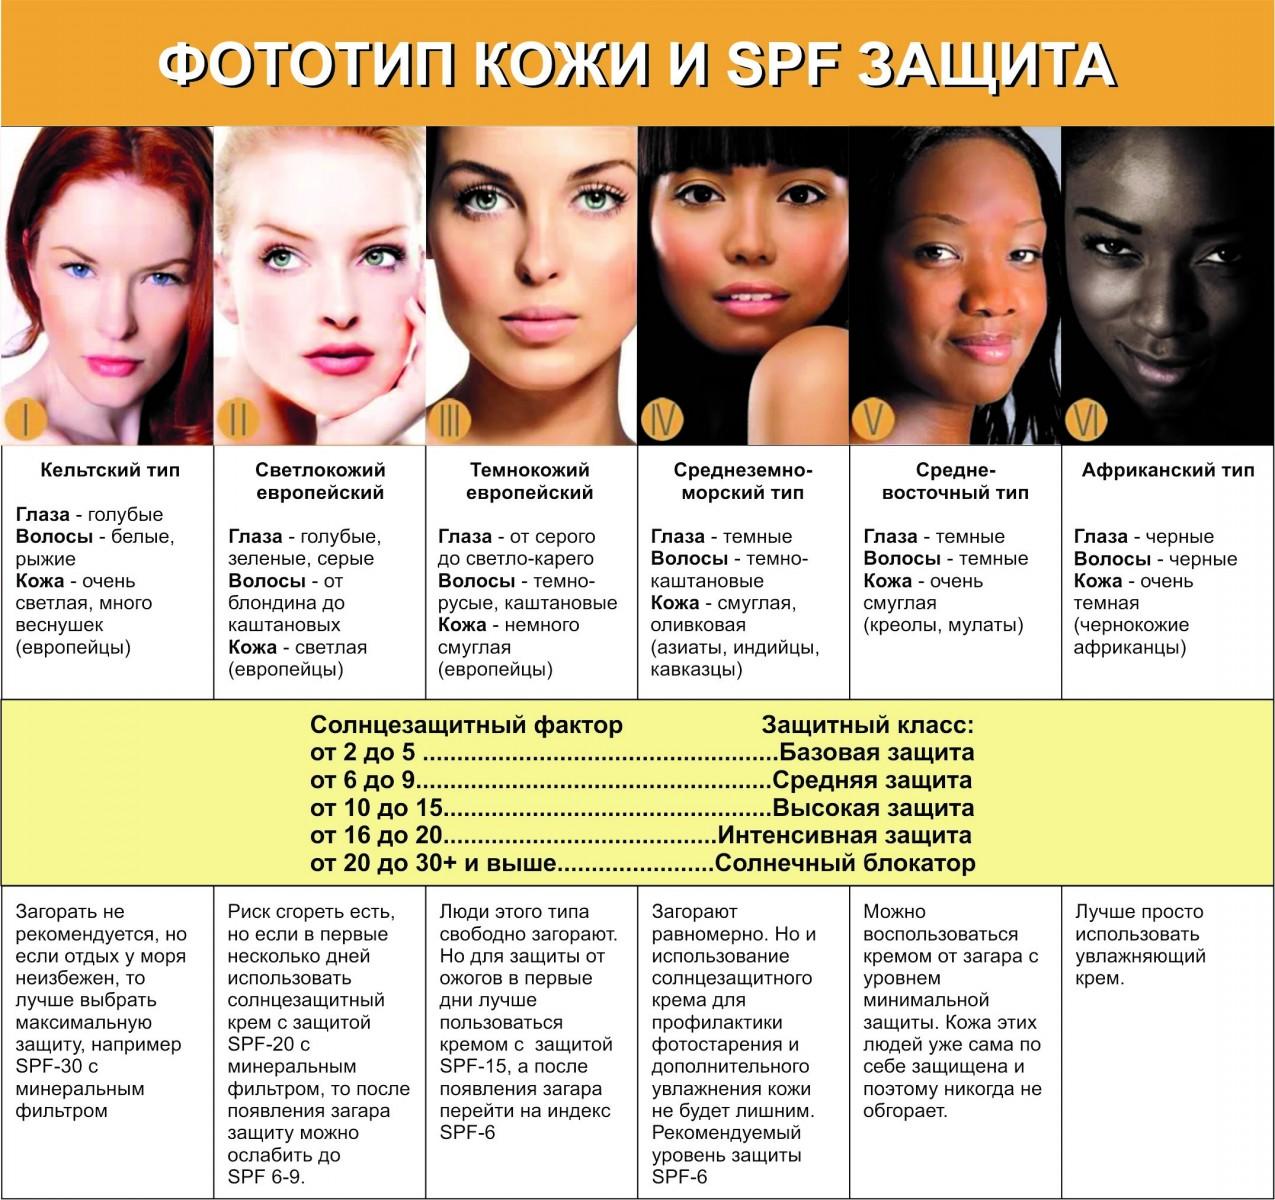 Что такое фото типы кожи